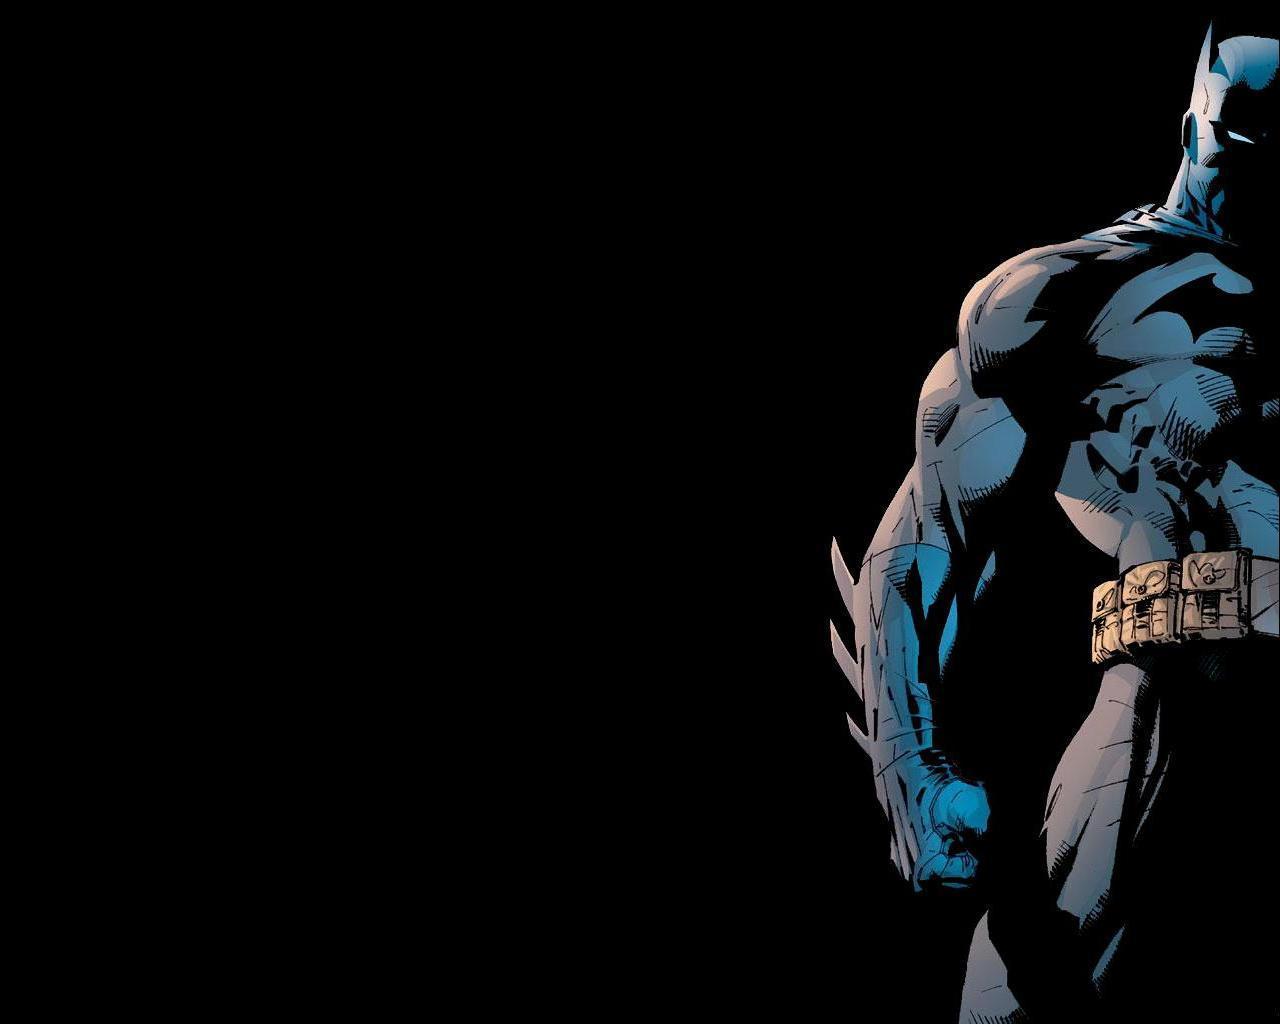 Batman   Batman Wallpaper 1457726 1280x1024